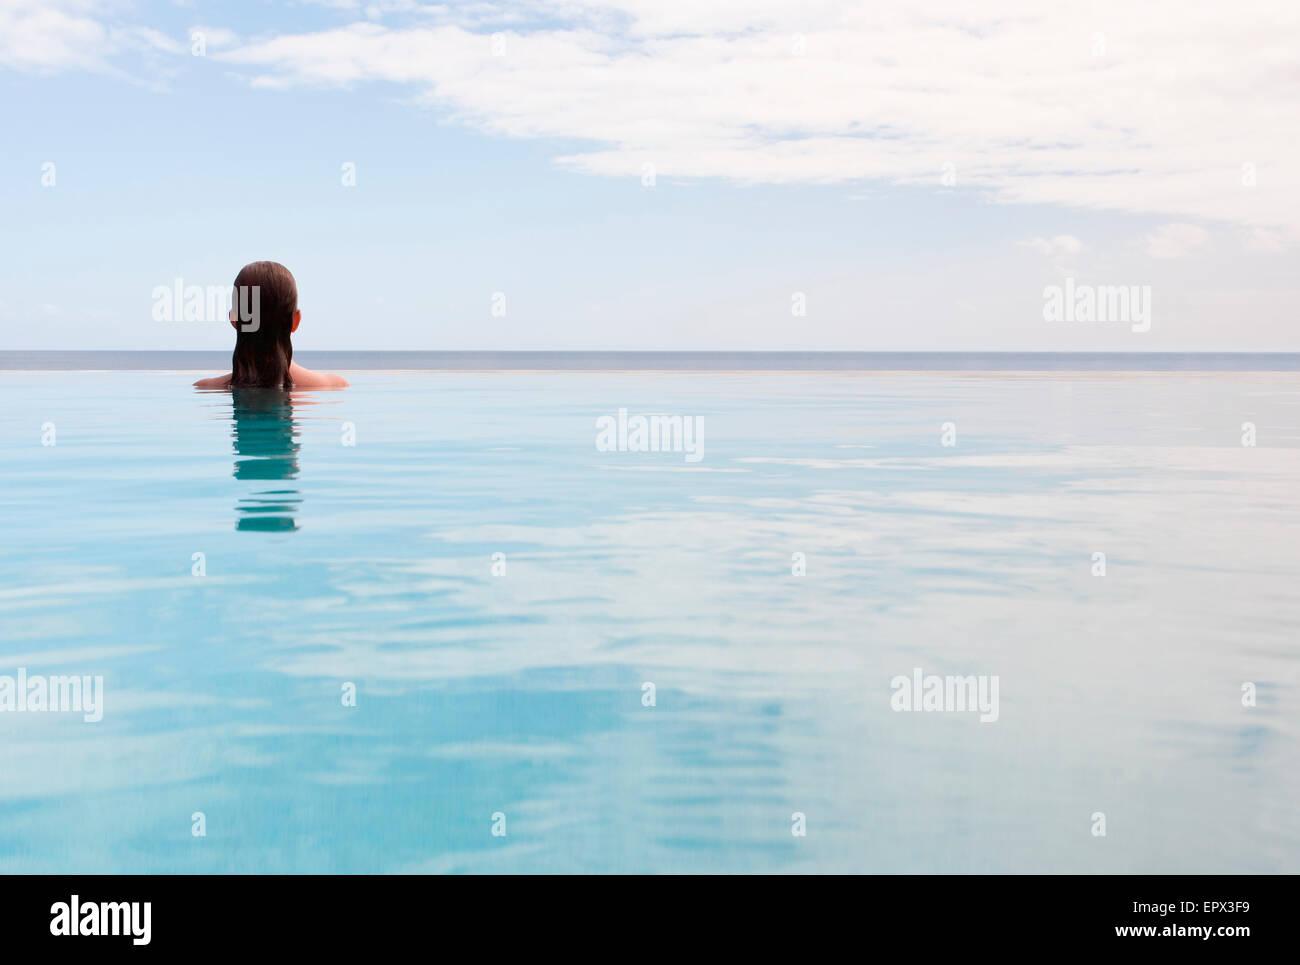 USA, Virgin Islands, St. John, Woman in swimming pool Stock Photo